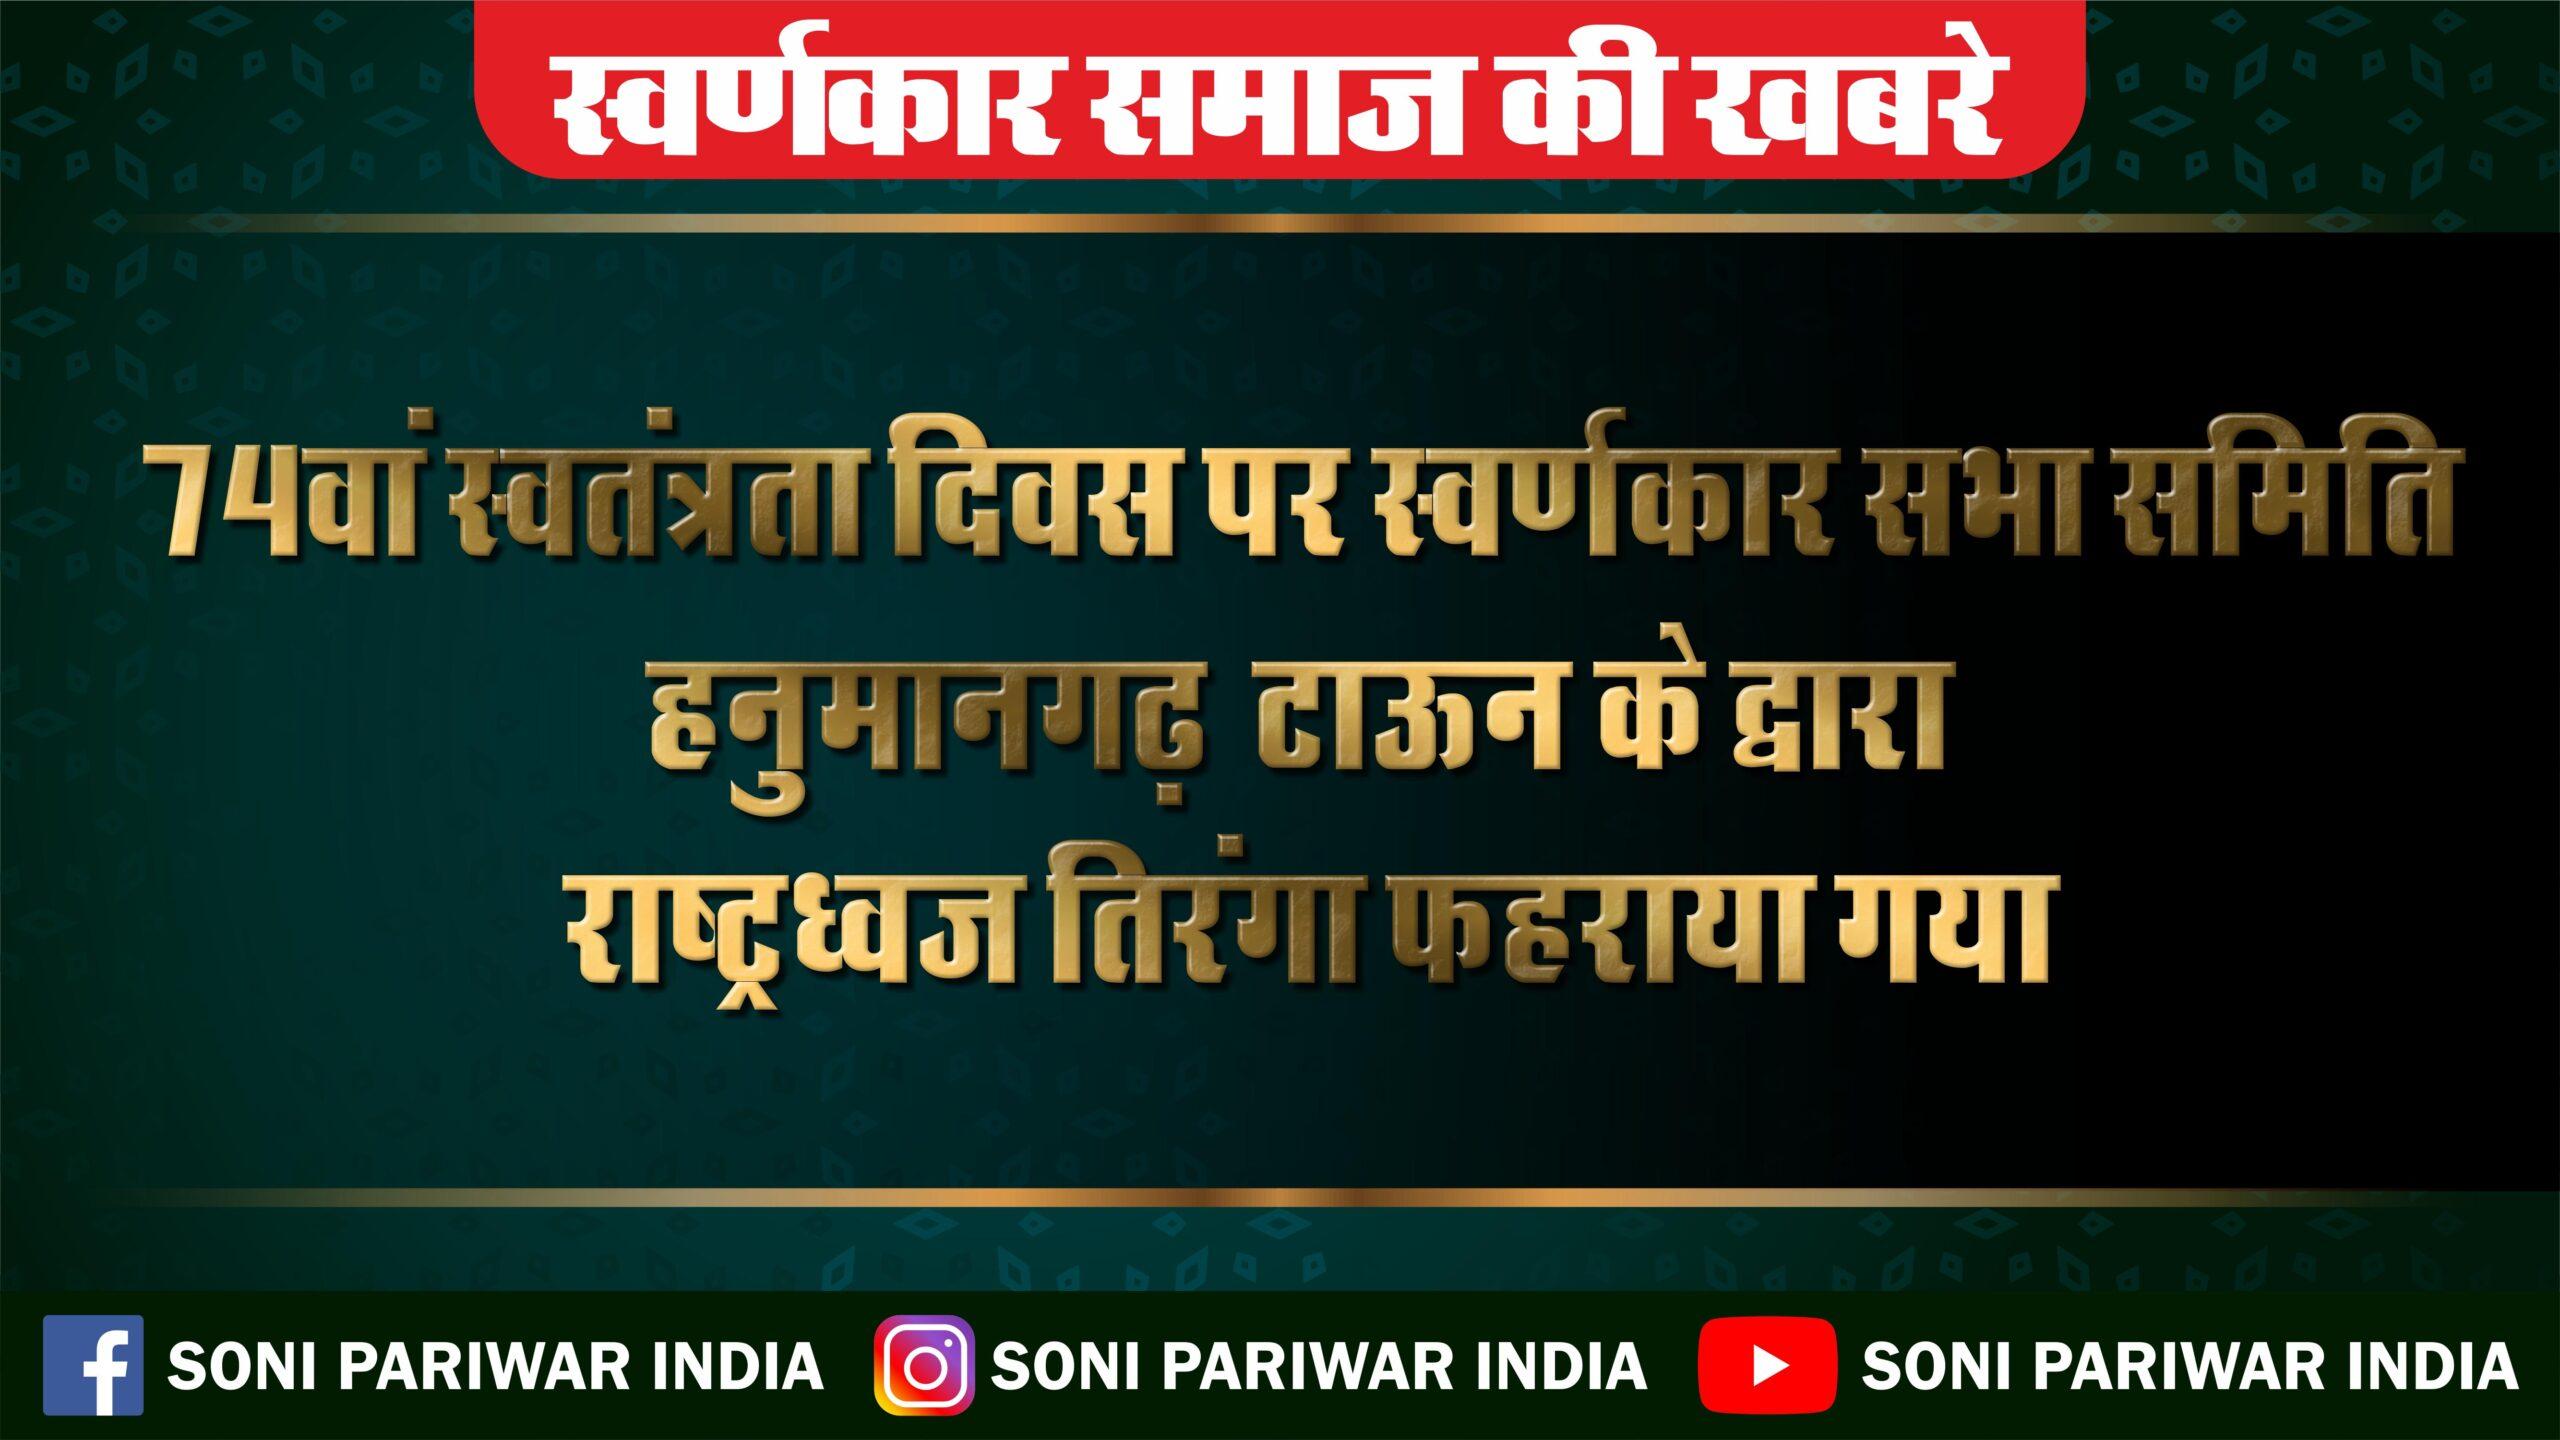 74वां स्वतंत्रता दिवस पर स्वर्णकार सभा समिति हनुमानगढ़ टाऊन के द्वारा राष्ट्रध्वज तिरंगा फहराया गया